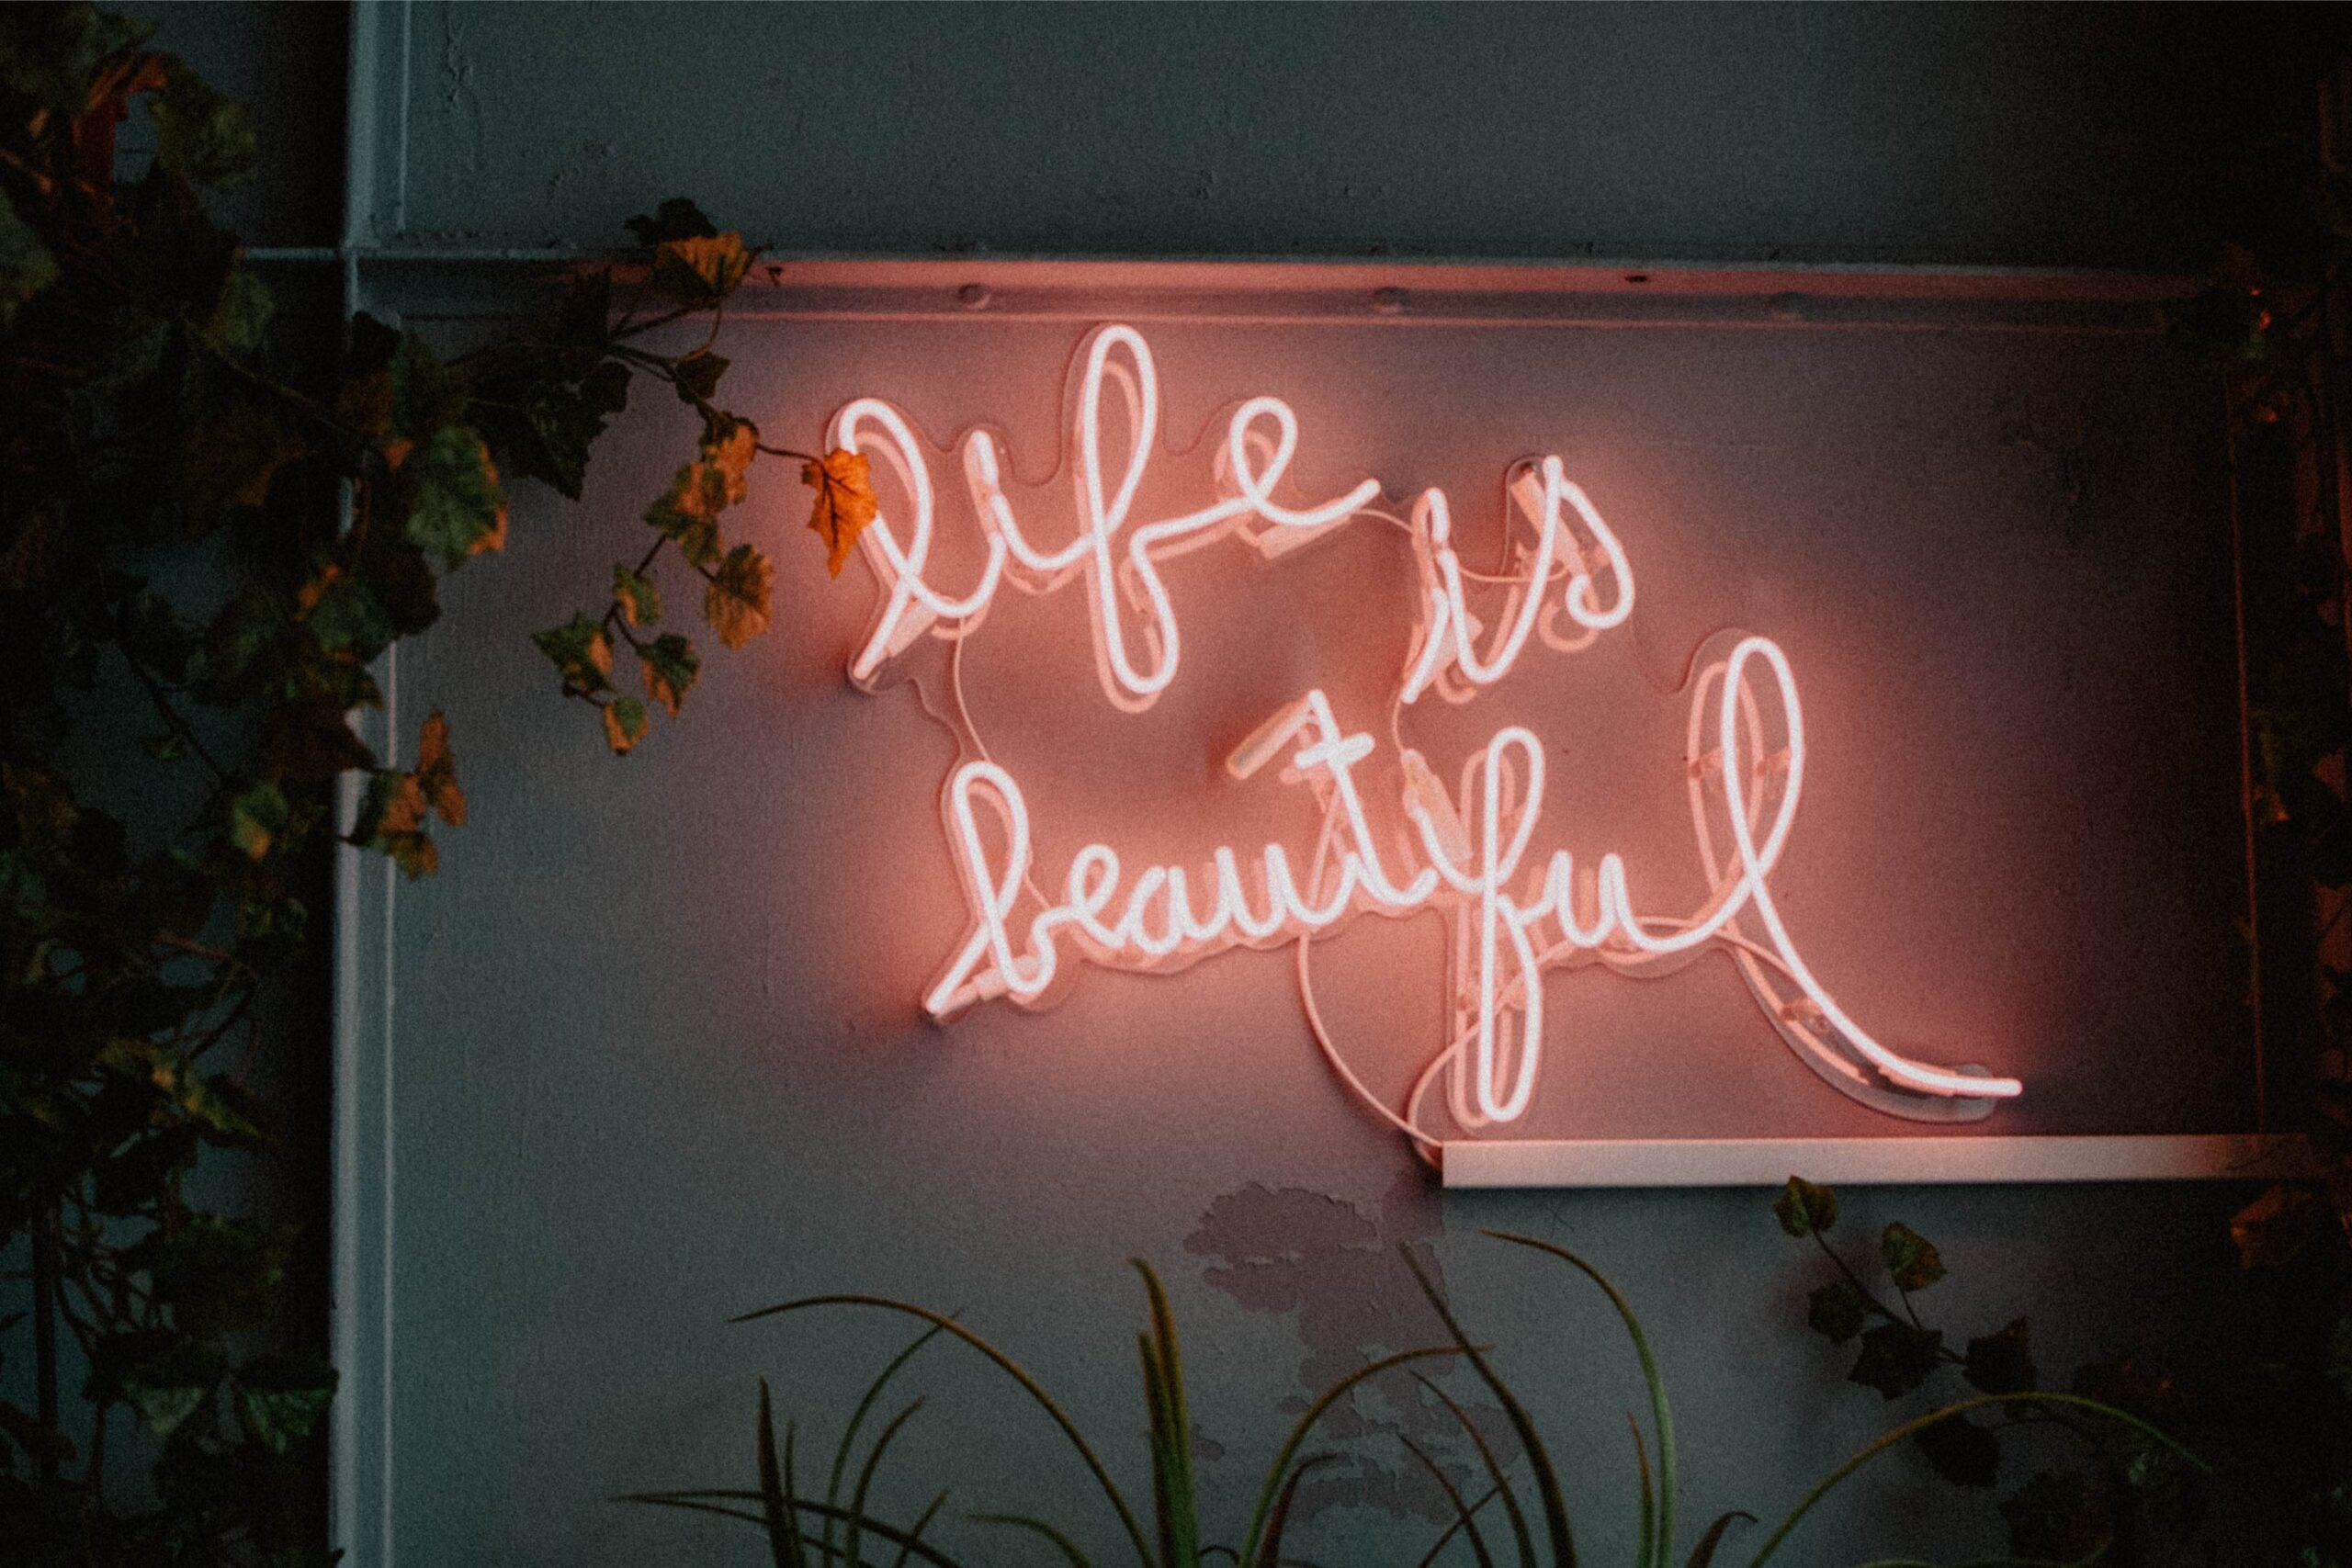 8946004323344_Katarzyna-Grabowska_Life is beautiful@0.5x-50